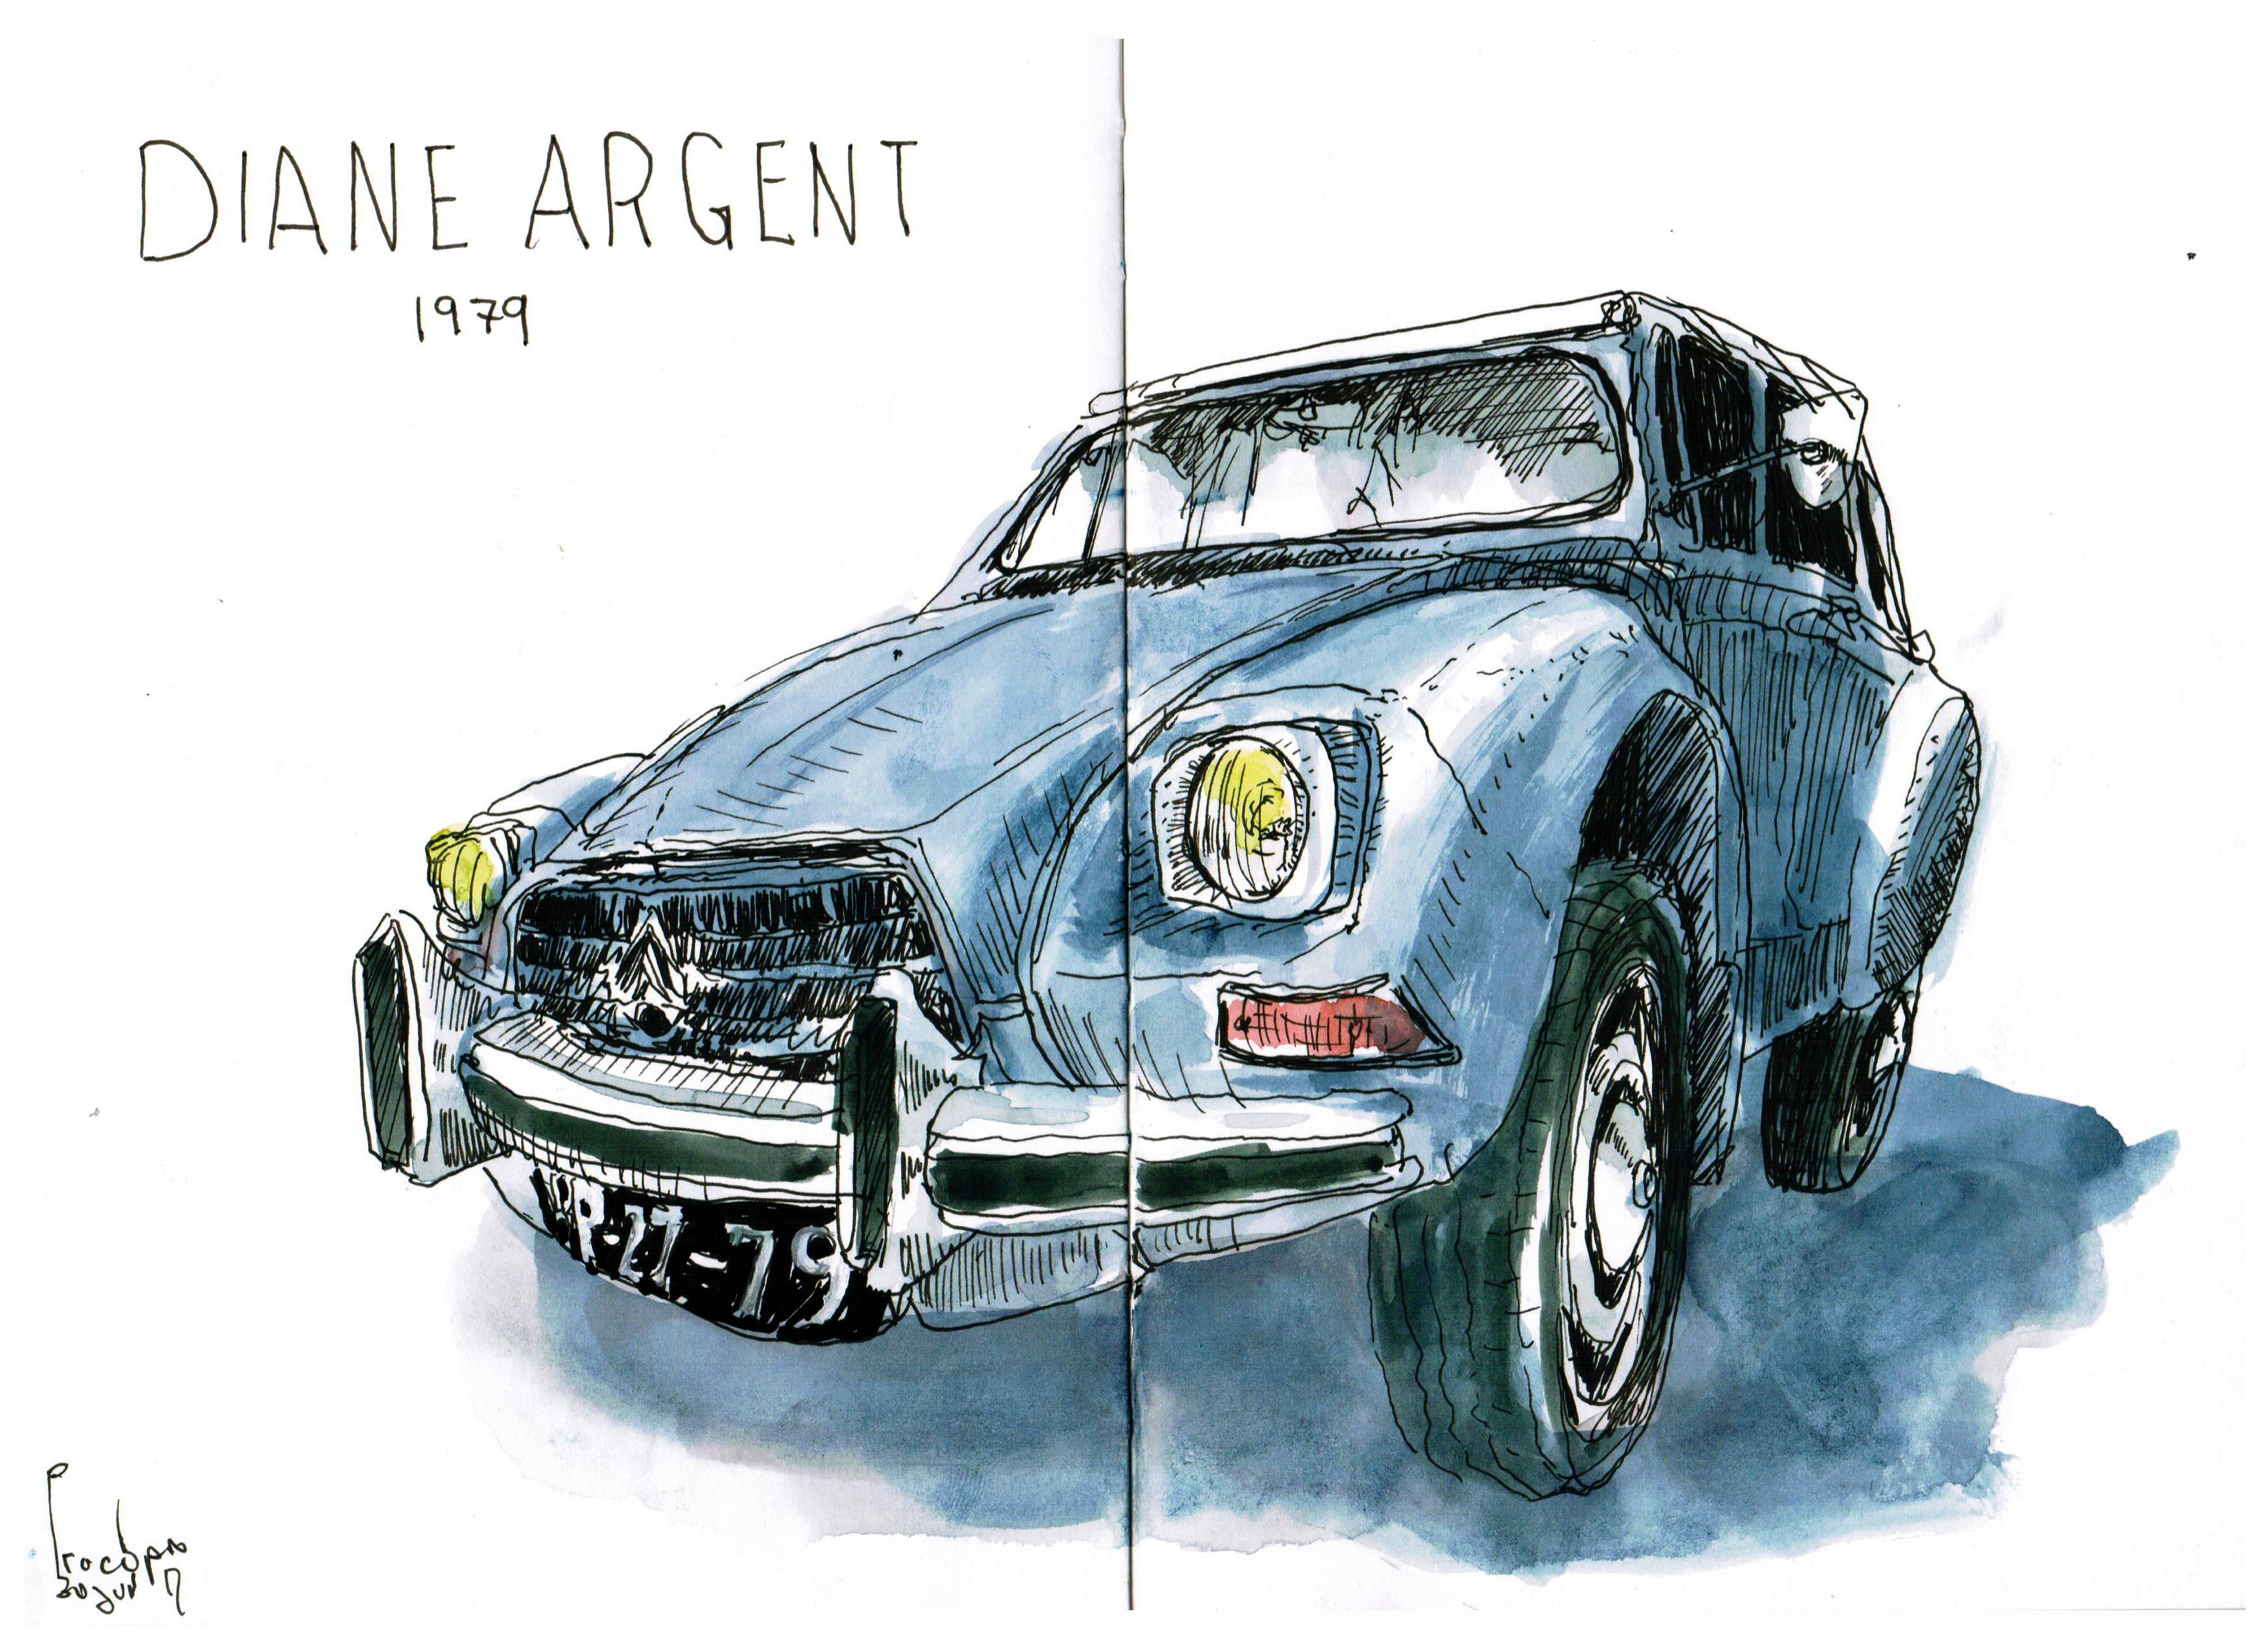 Citroen Diane Argent